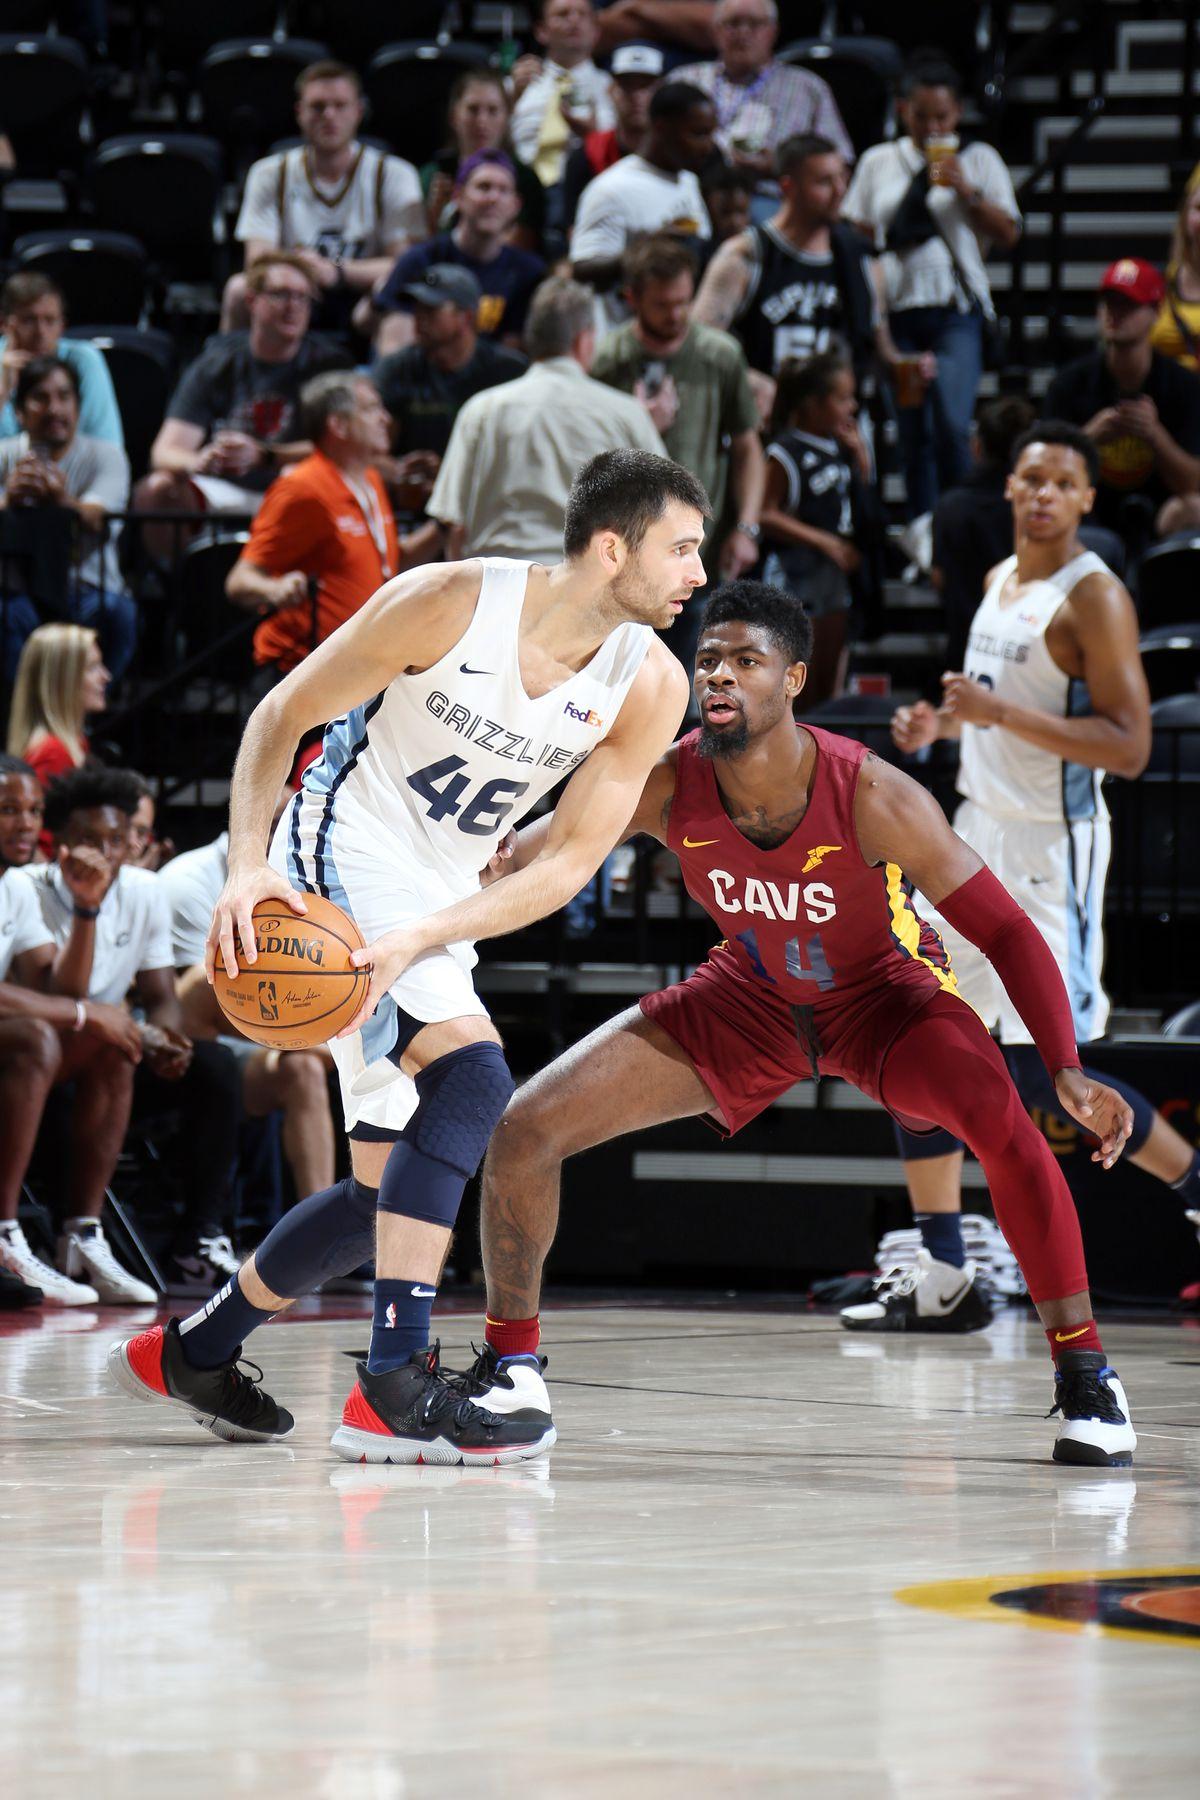 2019 Salt Lake City Summer League - Cleveland Cavaliers v Memphis Grizzlies